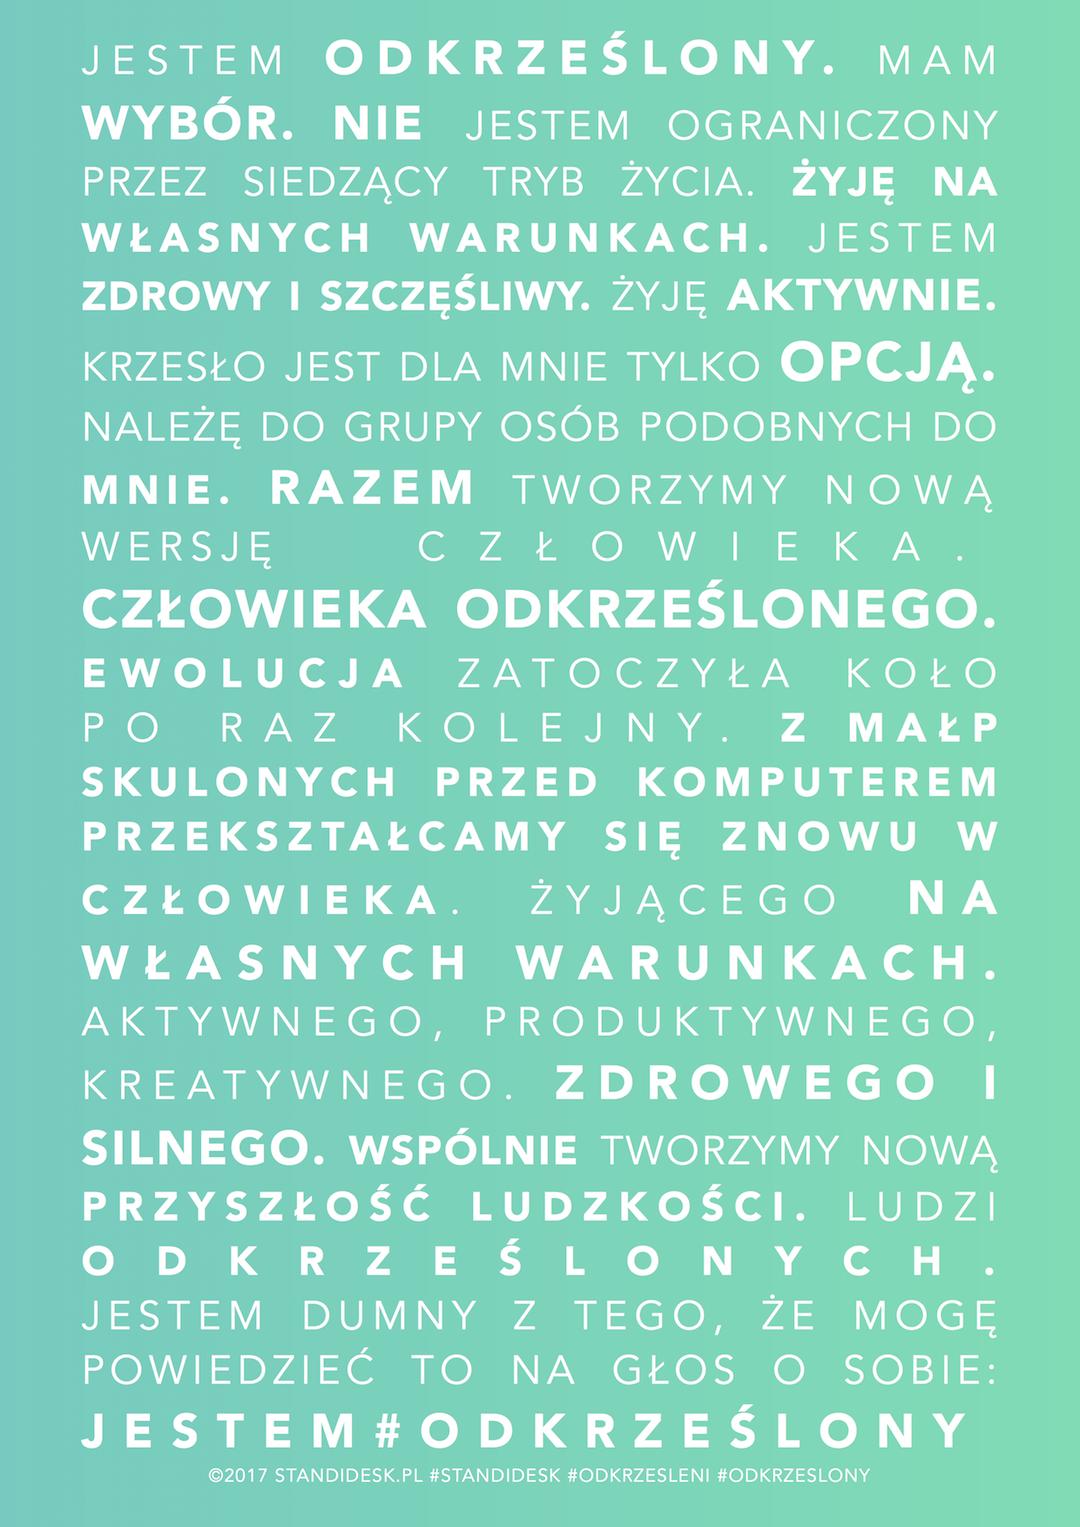 manifest standidesk #odkrzesolny